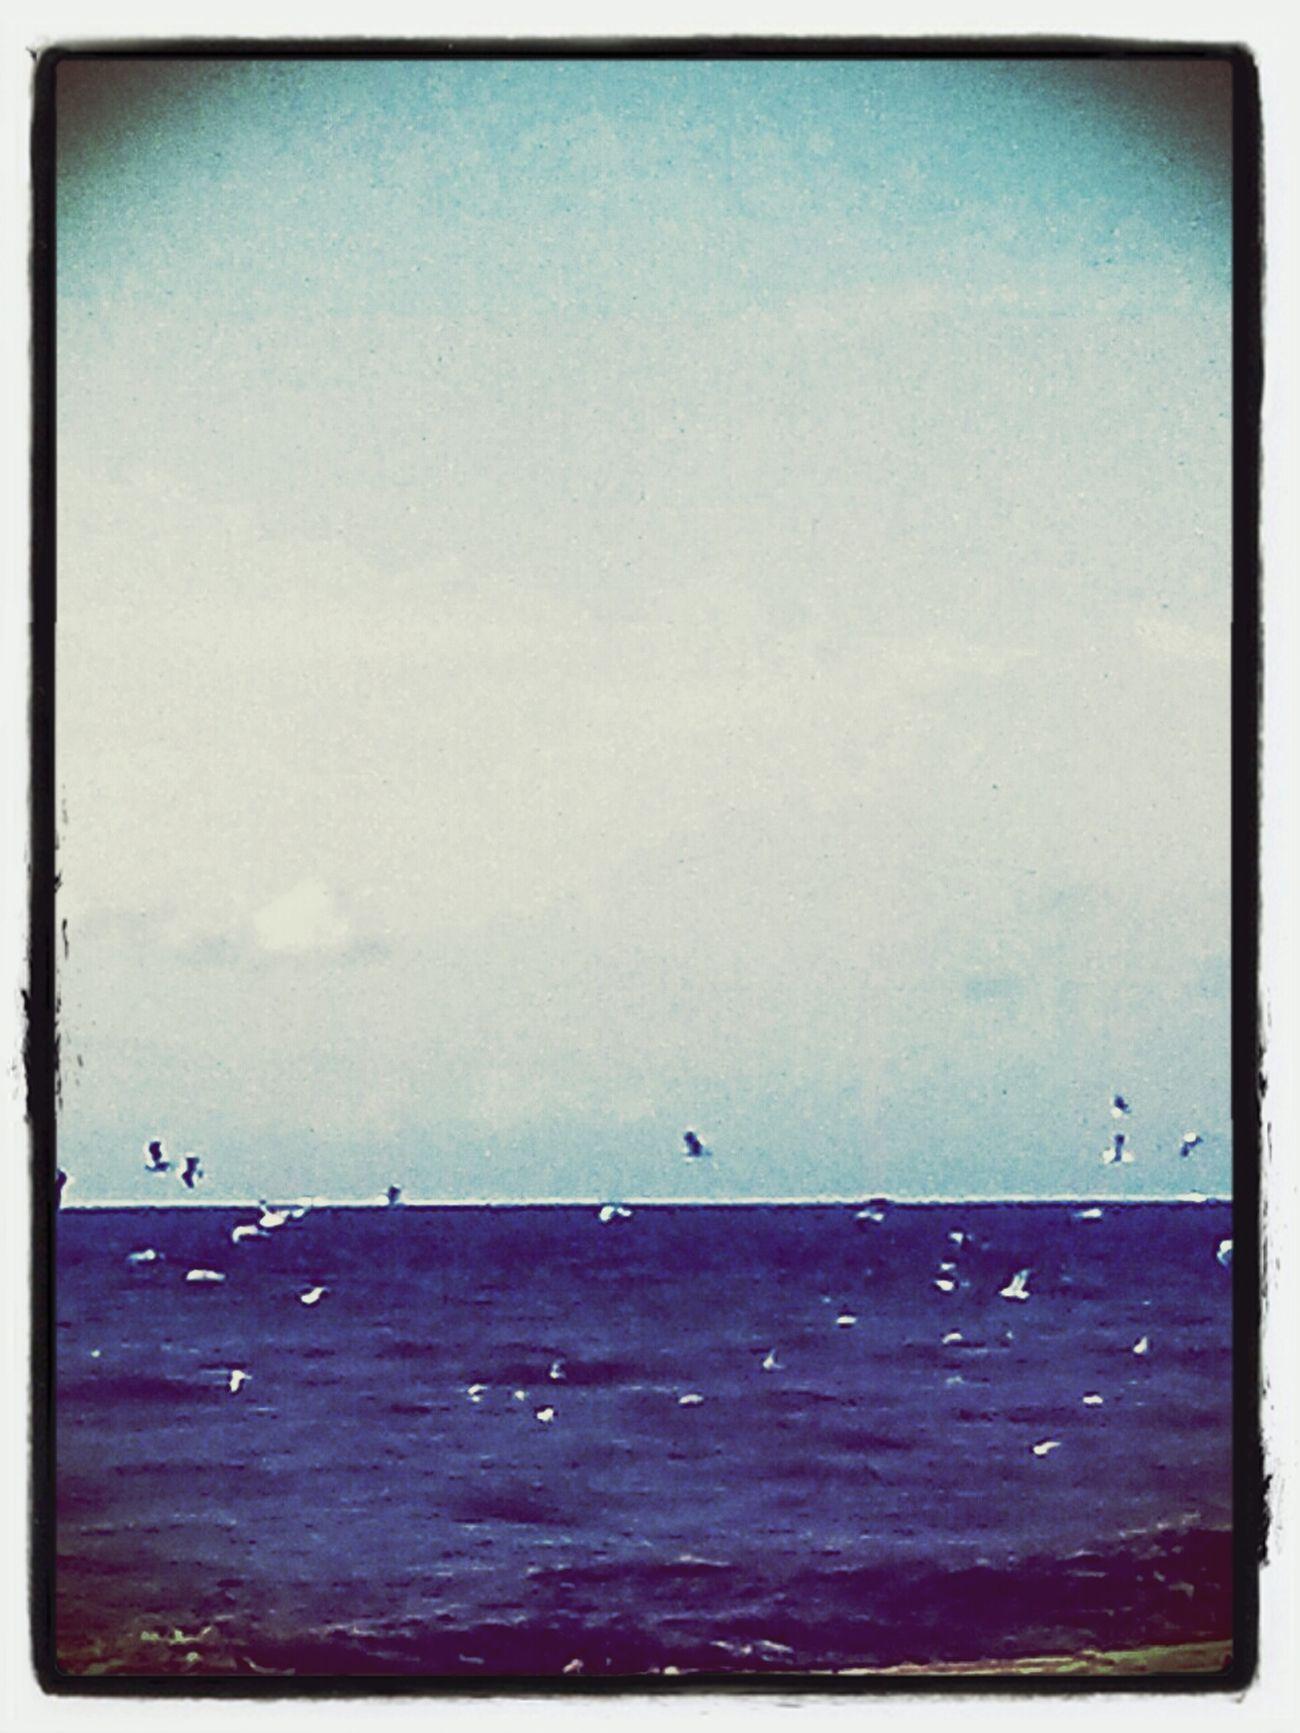 Sea Mare D'inverno Volo Libero